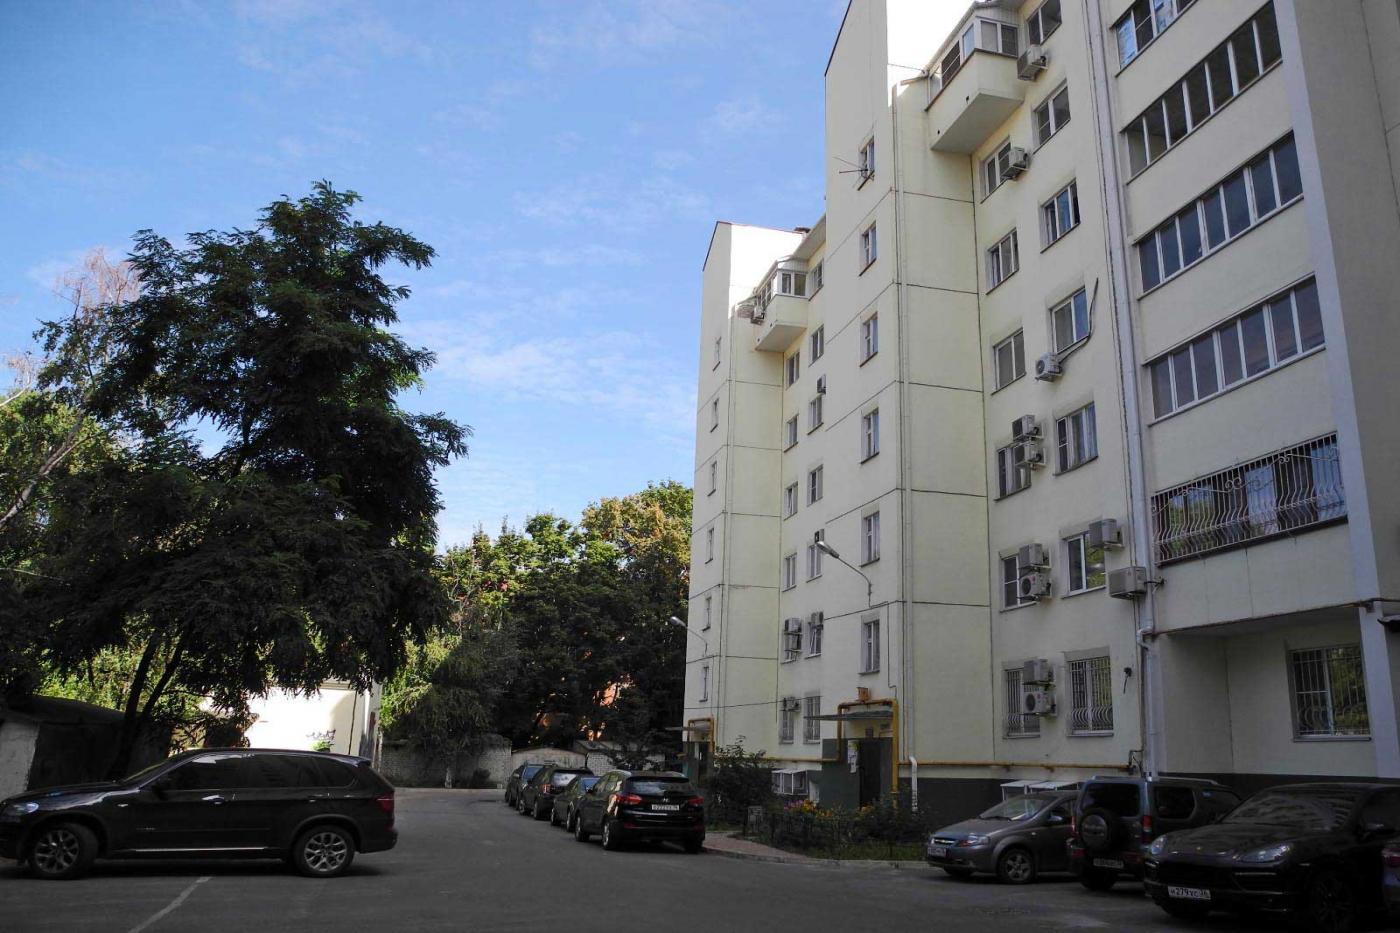 1-комнатная квартира посуточно (вариант № 3873), ул. Никитинская улица, фото № 11